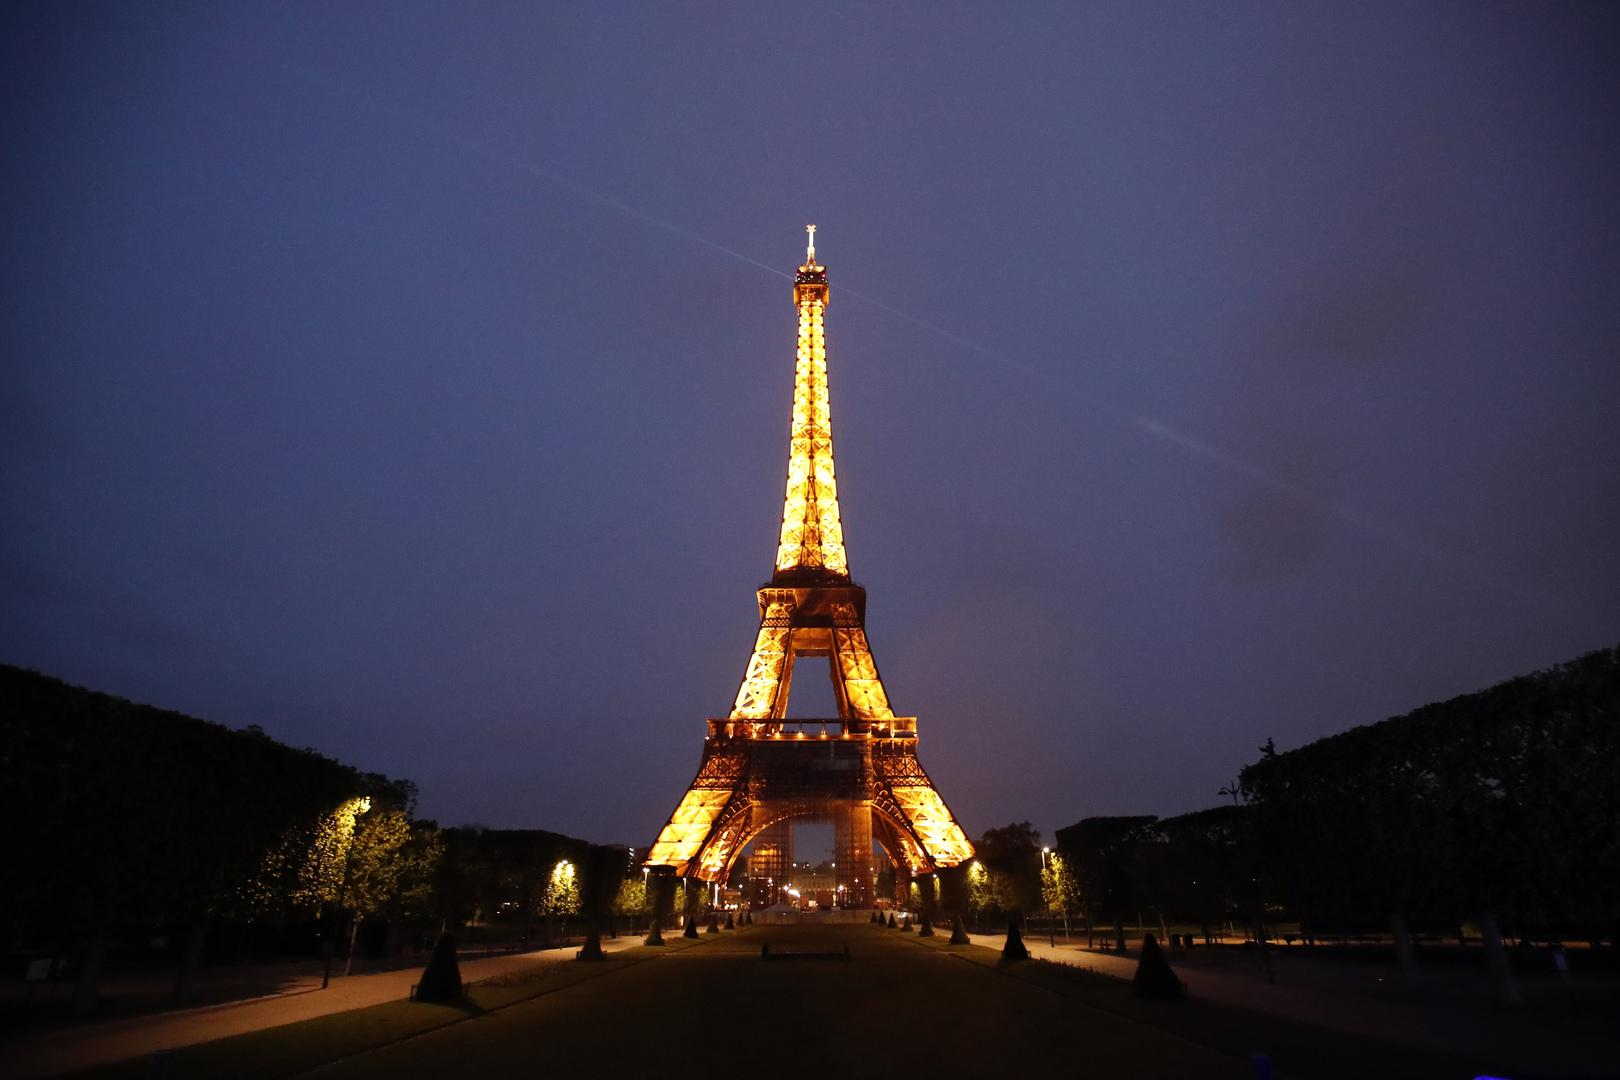 المتهم الرئيسي بهجمات باريس: قتل 130 شخصا لم يكن بدافع شخصي